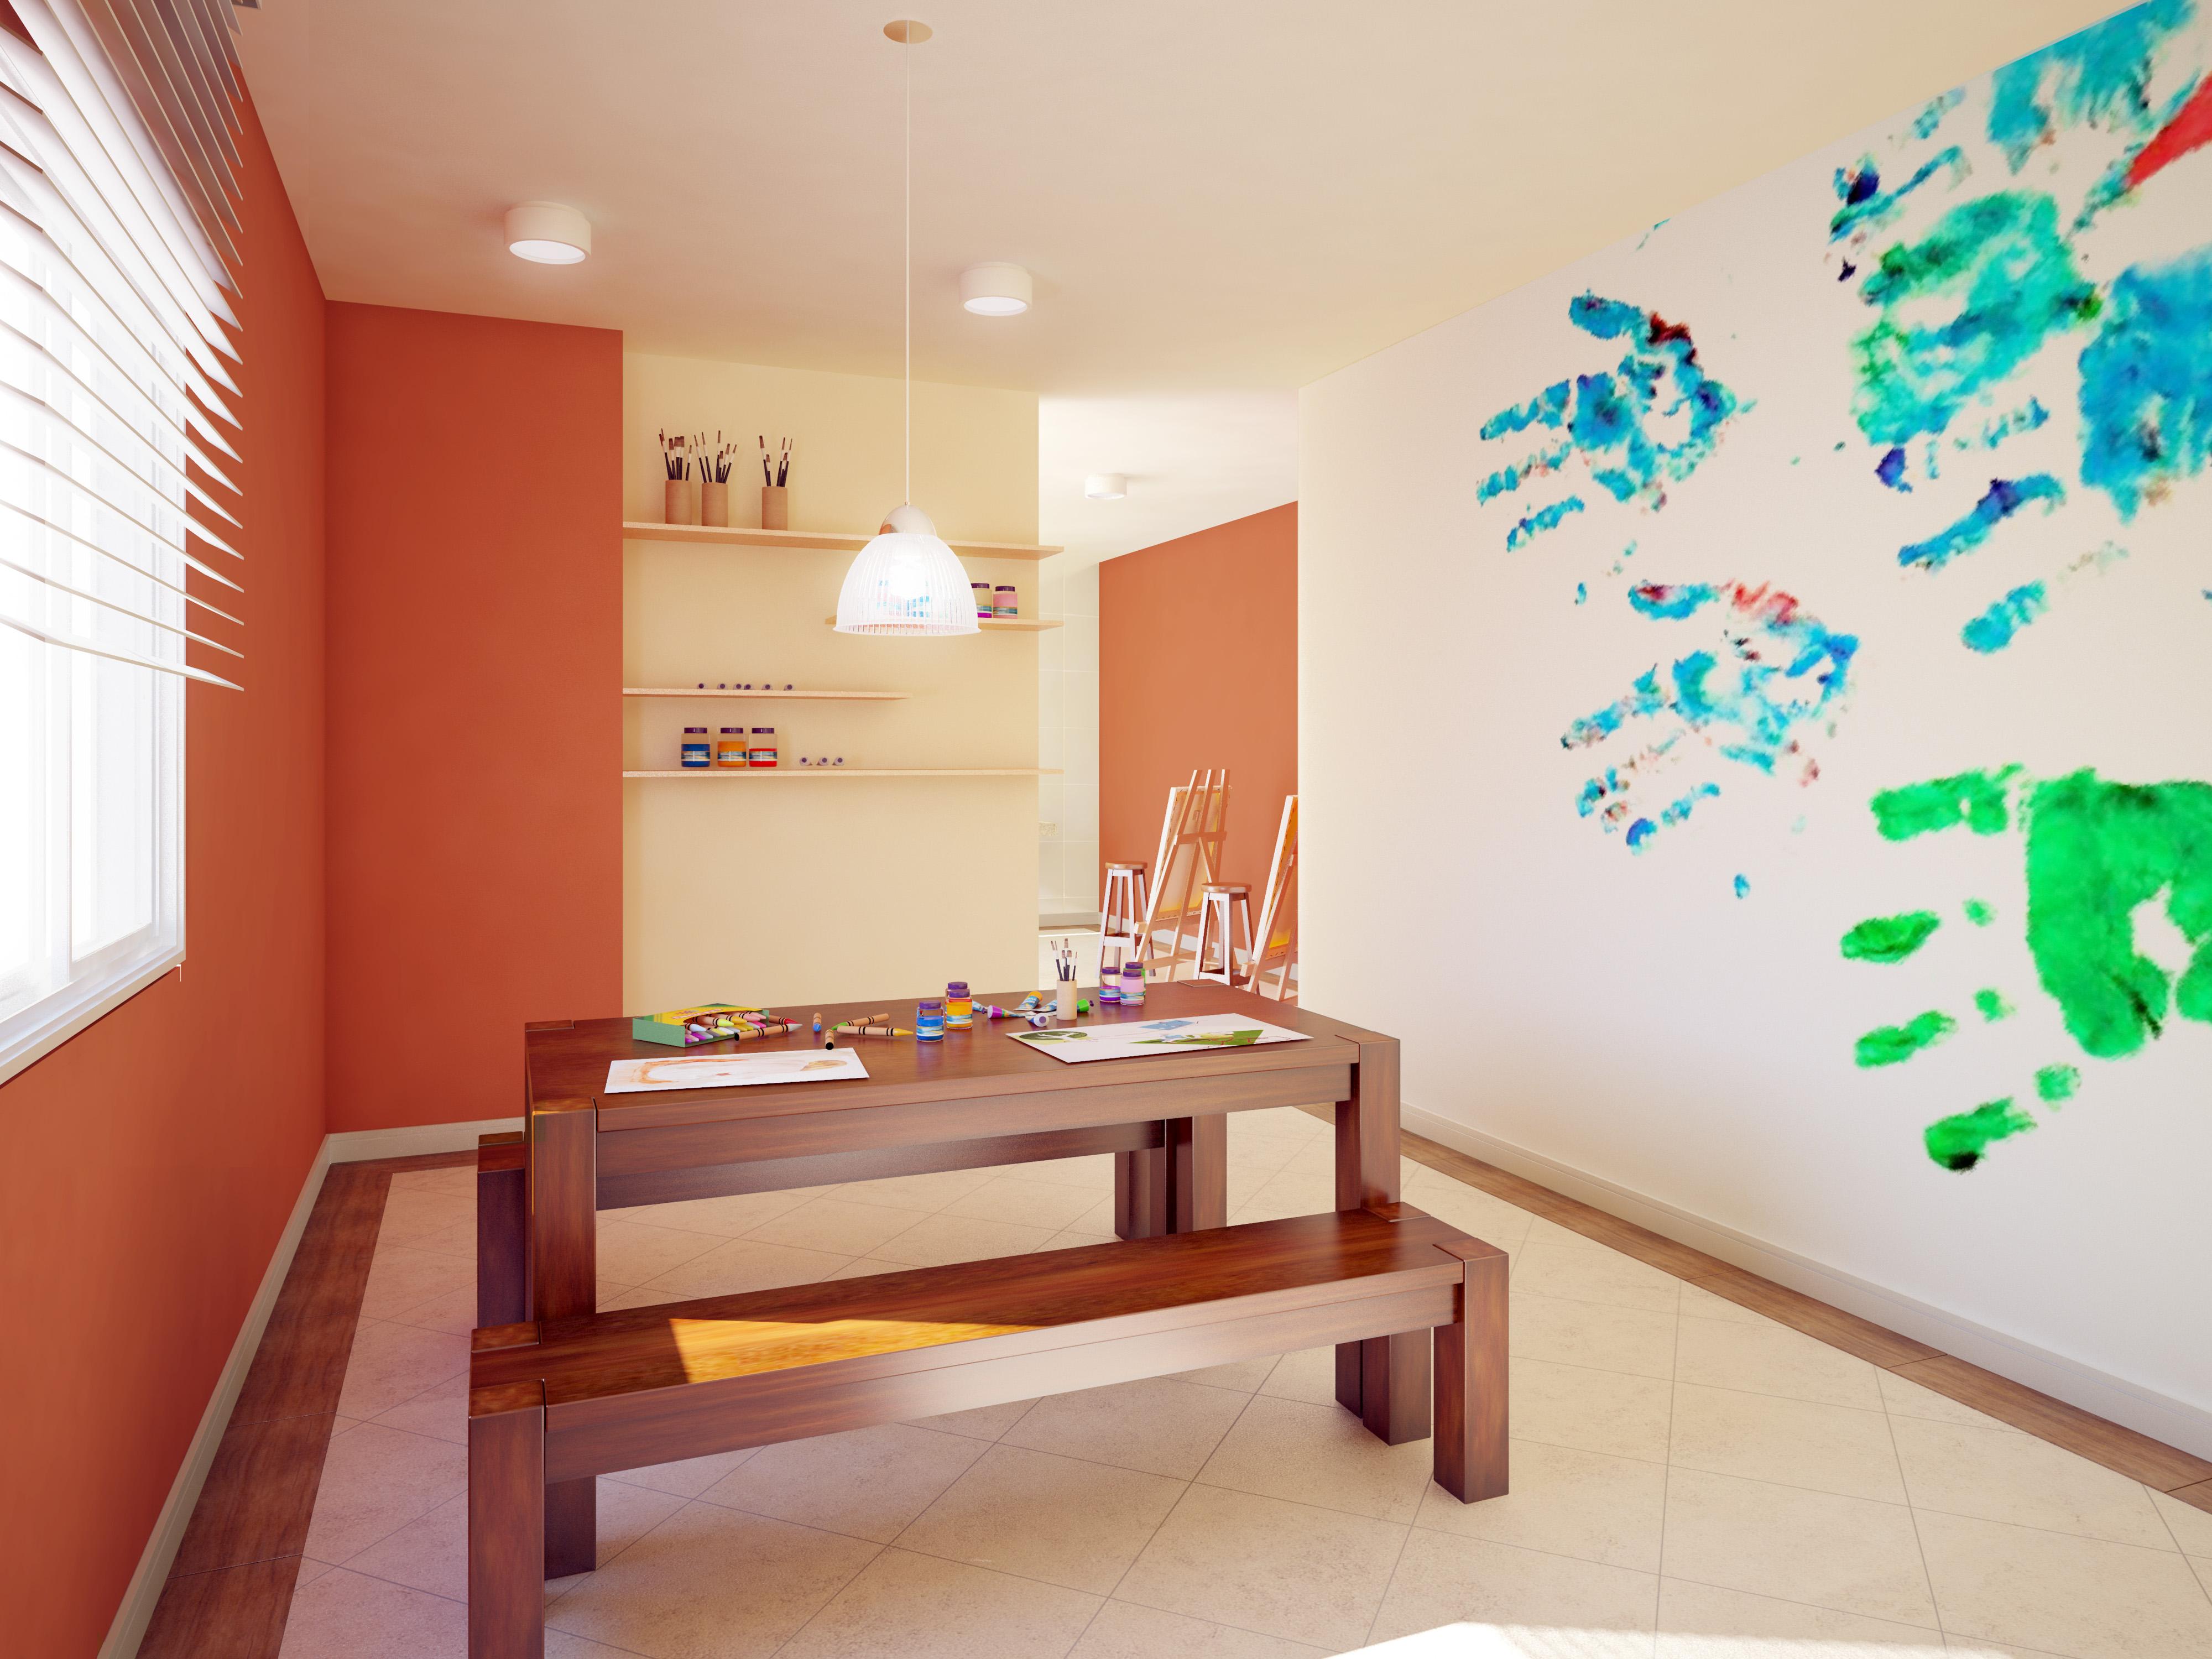 Atelier de Artes